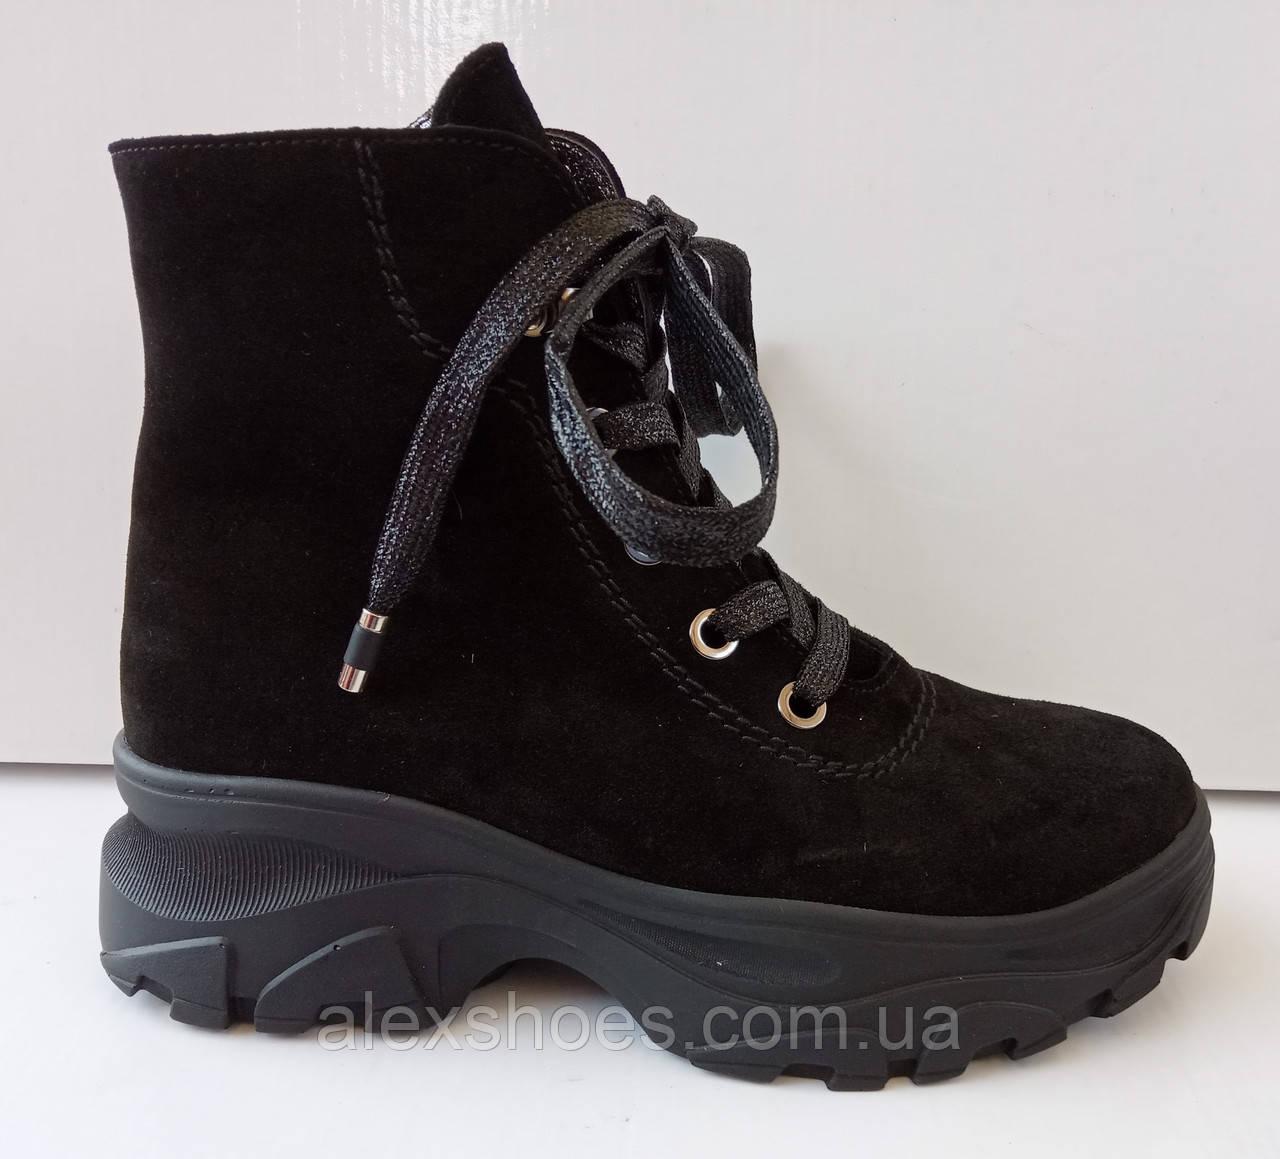 Ботинки женские зима на толстой подошве из натуральной замши от производителя модель ДИС777